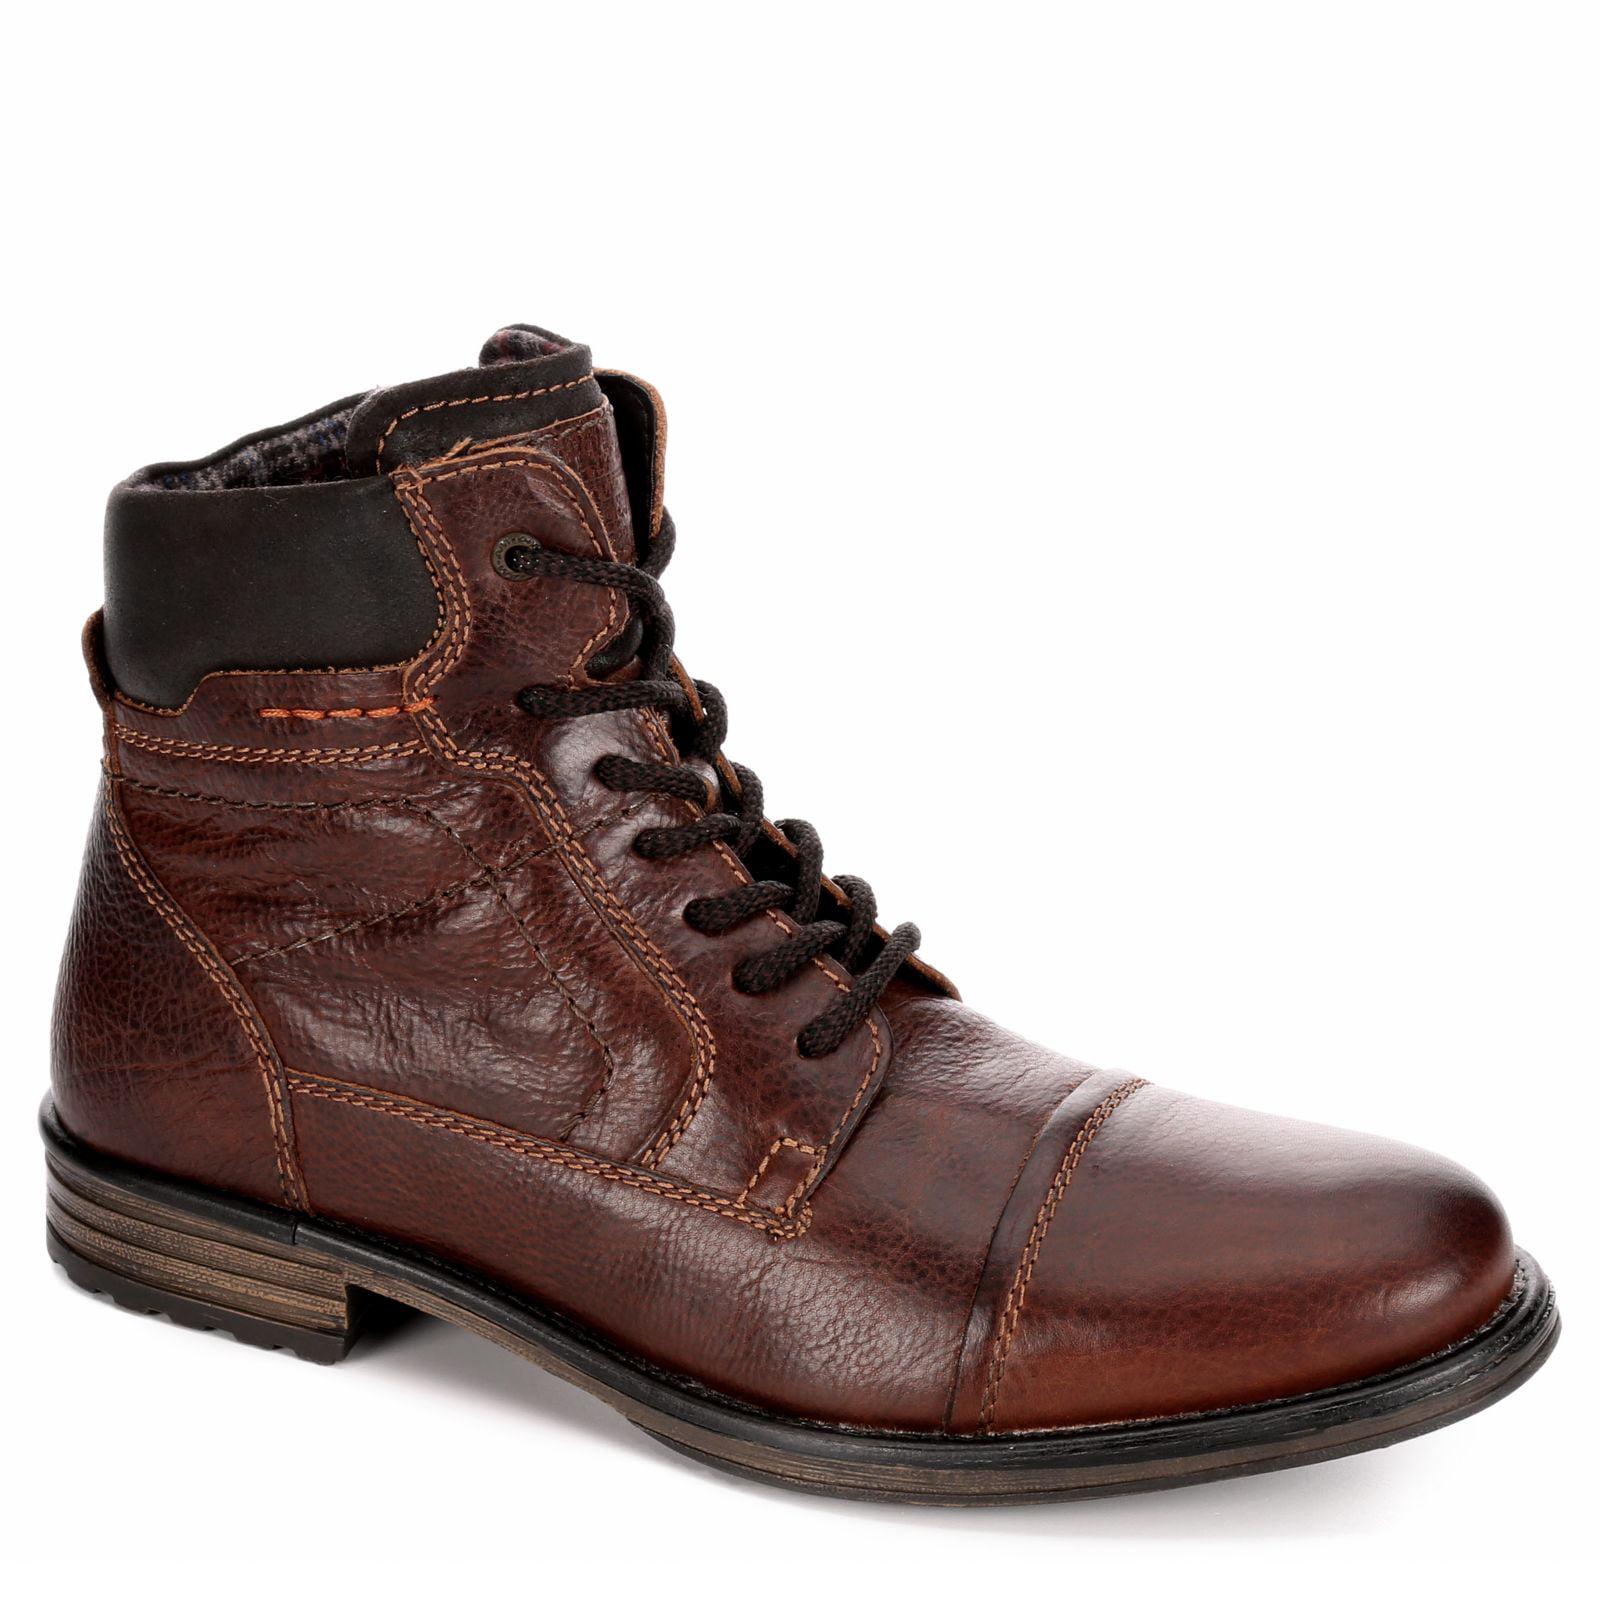 AM Shoes Mens Leather Plain Toe Lace Up Boot Shoes